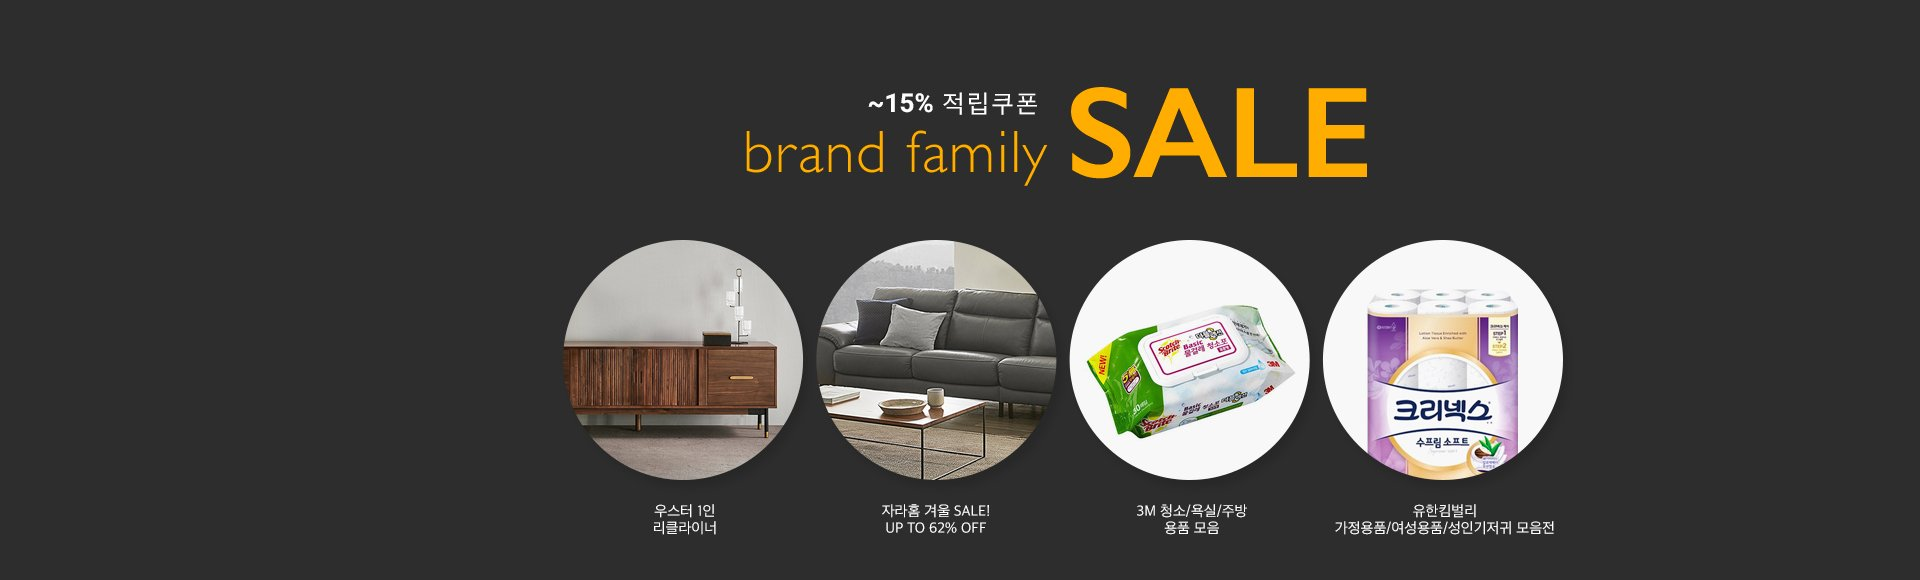 0222 브랜드 패밀리 SALE